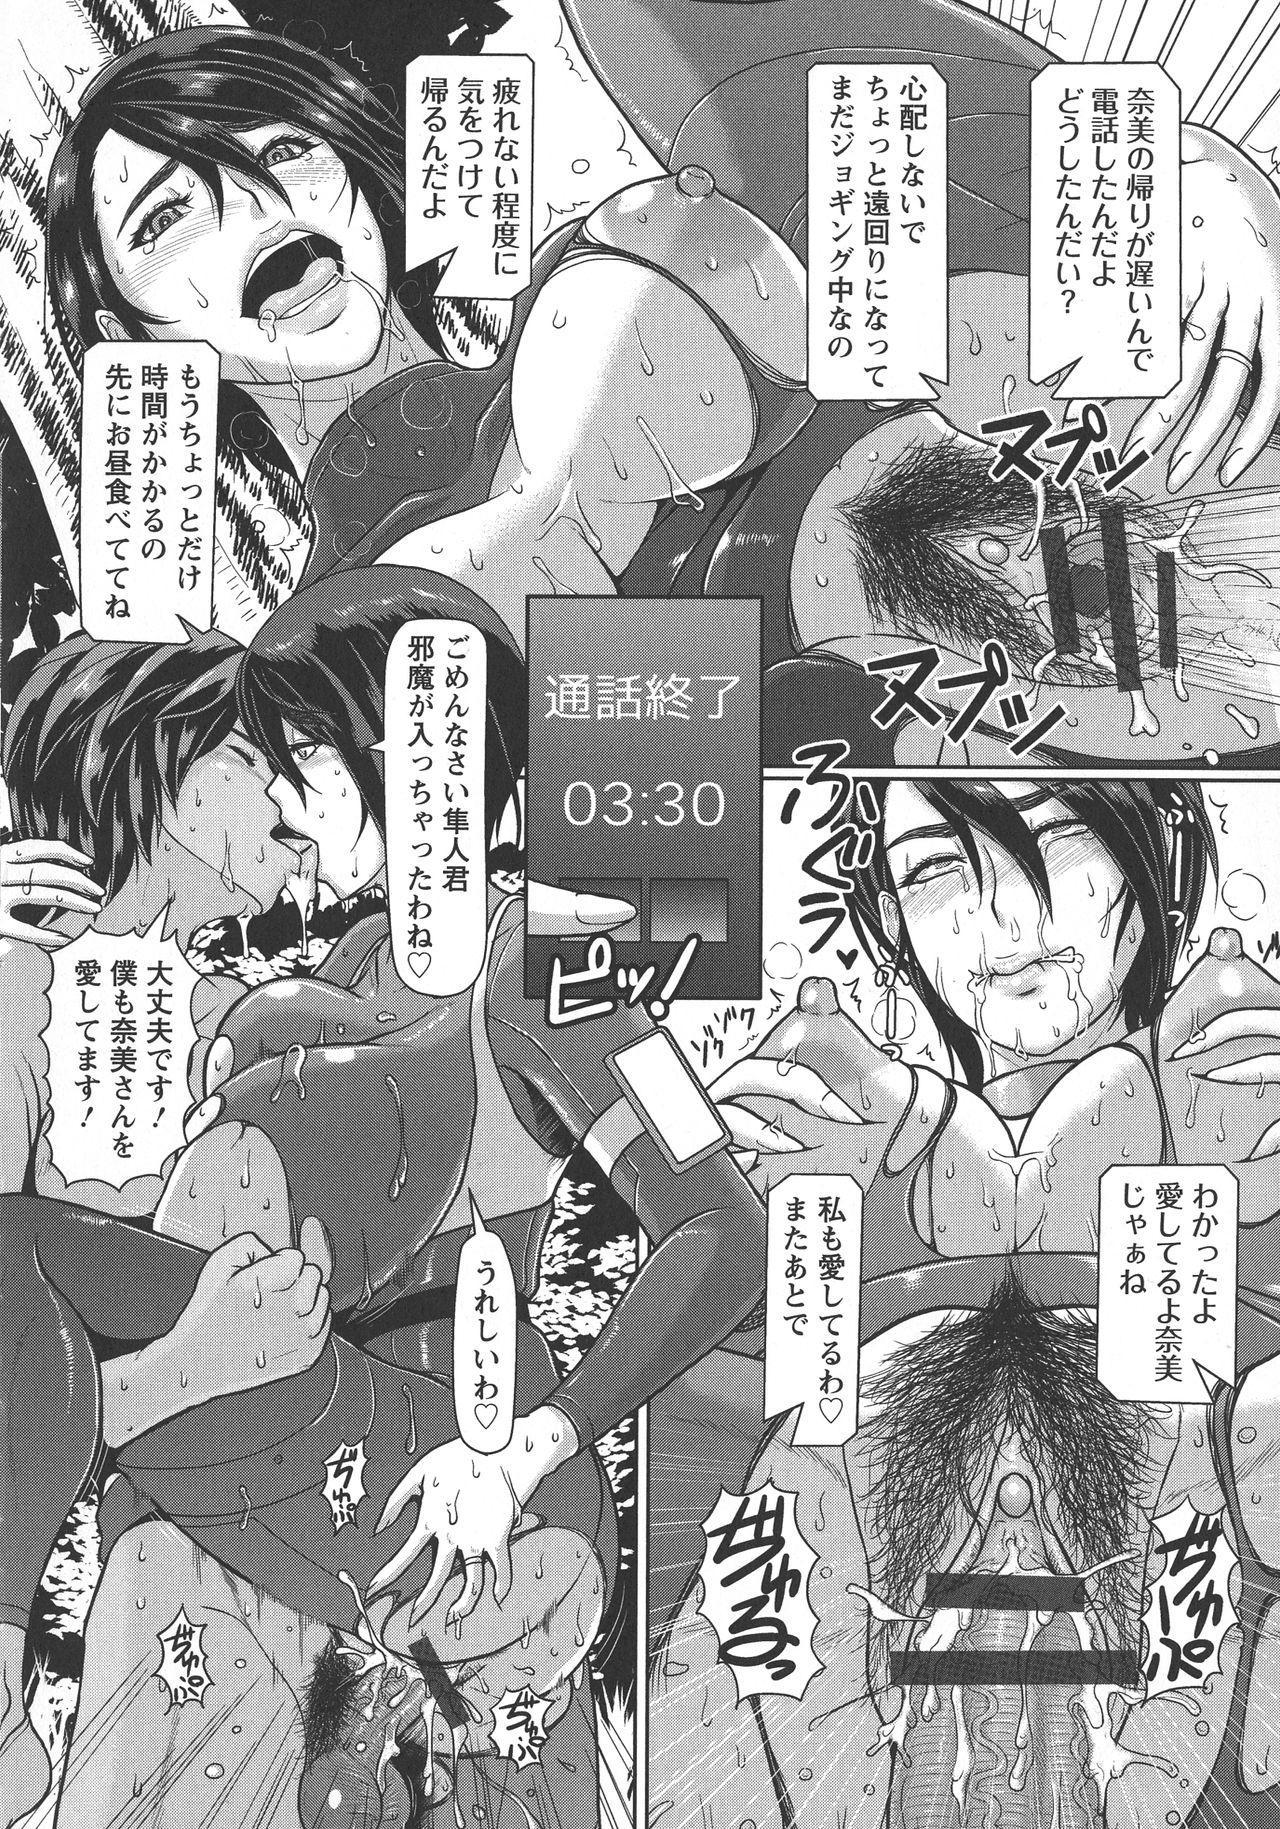 Mesujiru Shibori Nama! 146